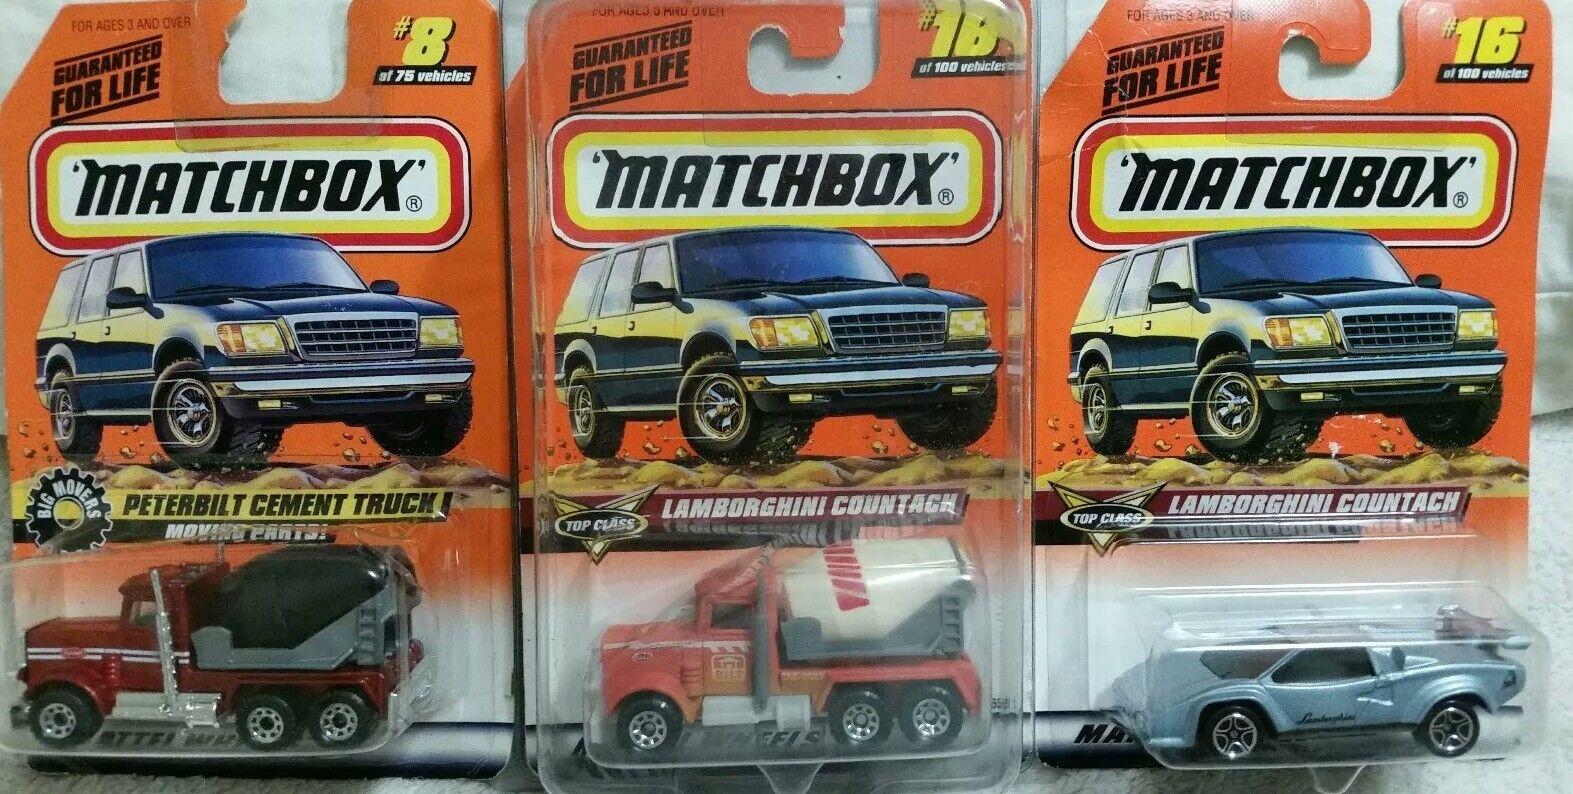 1998 PETERBUILT dans une Lamborghini Carte  XXX erreur  MATCHBOX  de l'usine